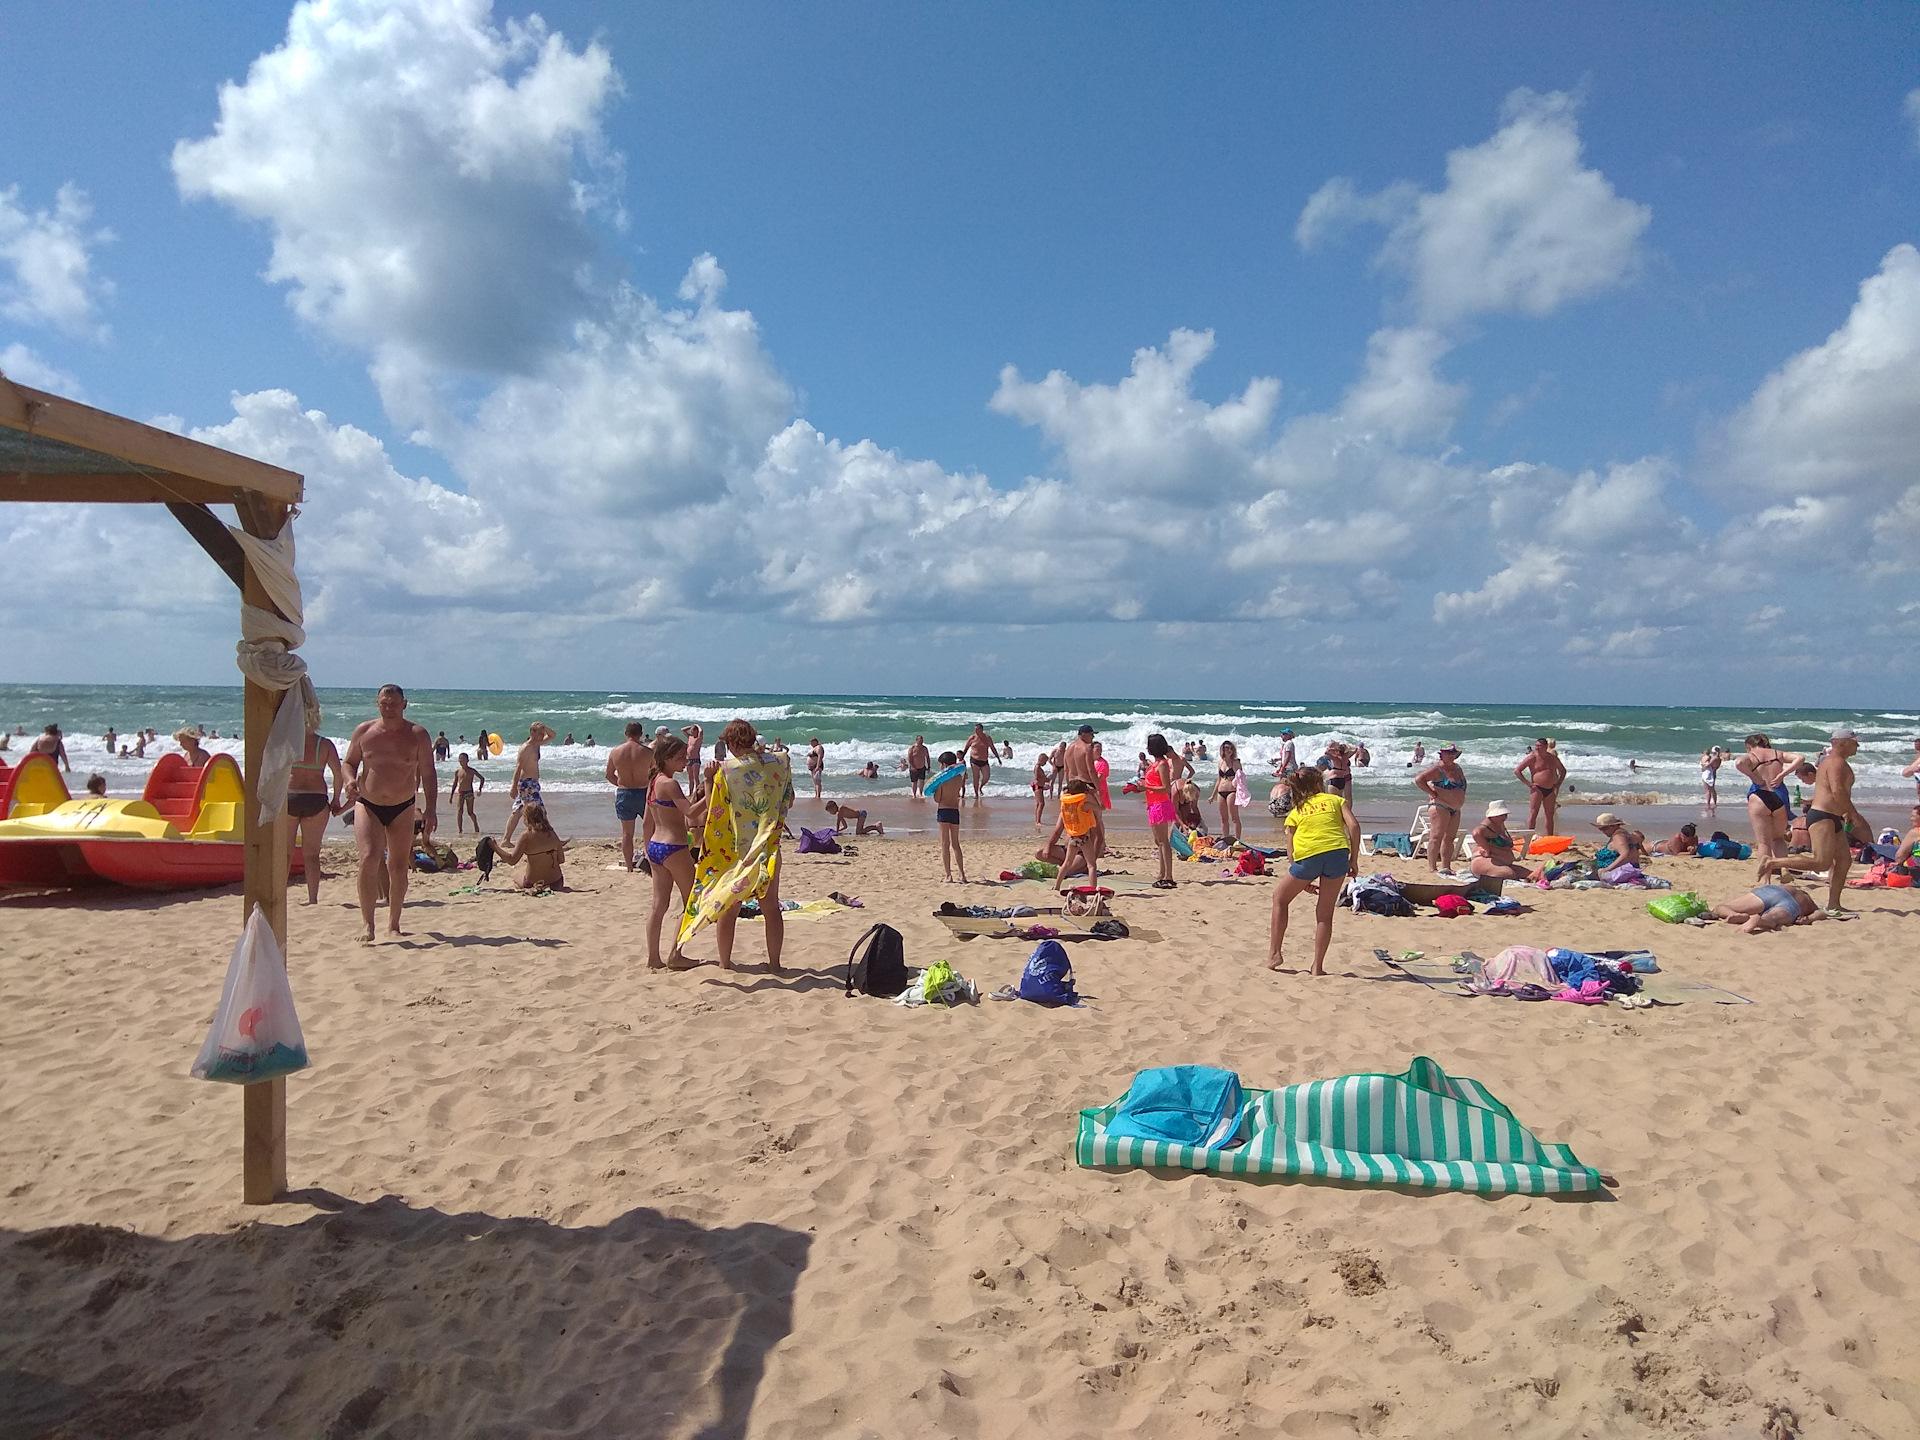 анапа витязево центральный пляж фото заказать полную